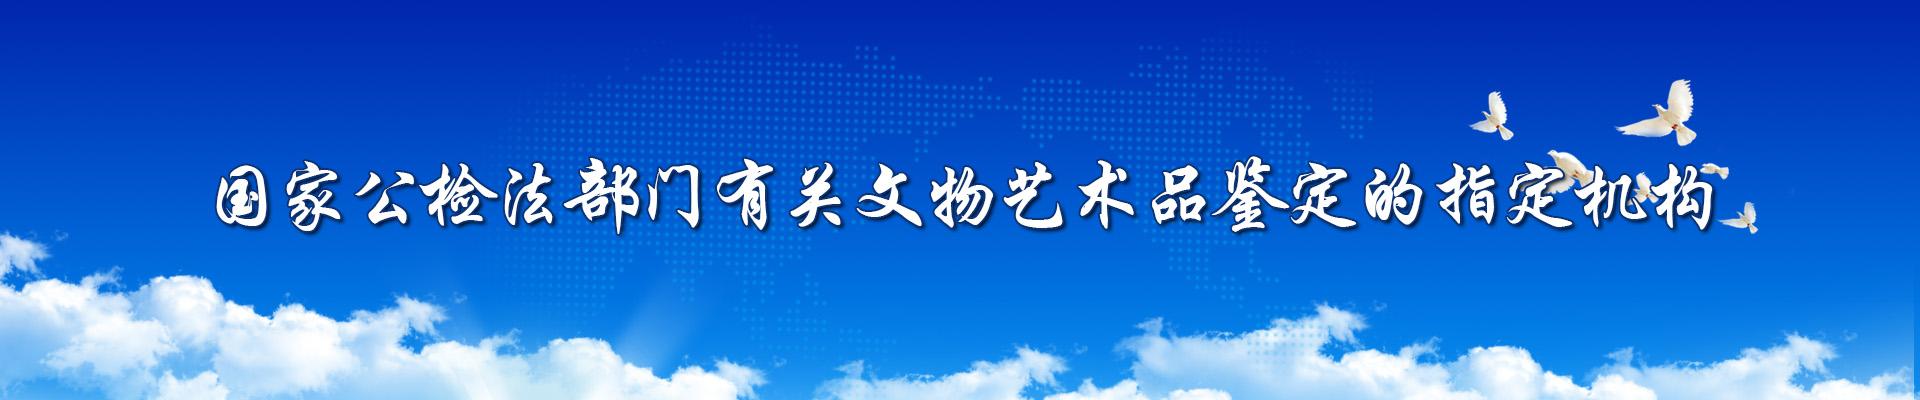 文物鉴定banner2.jpg